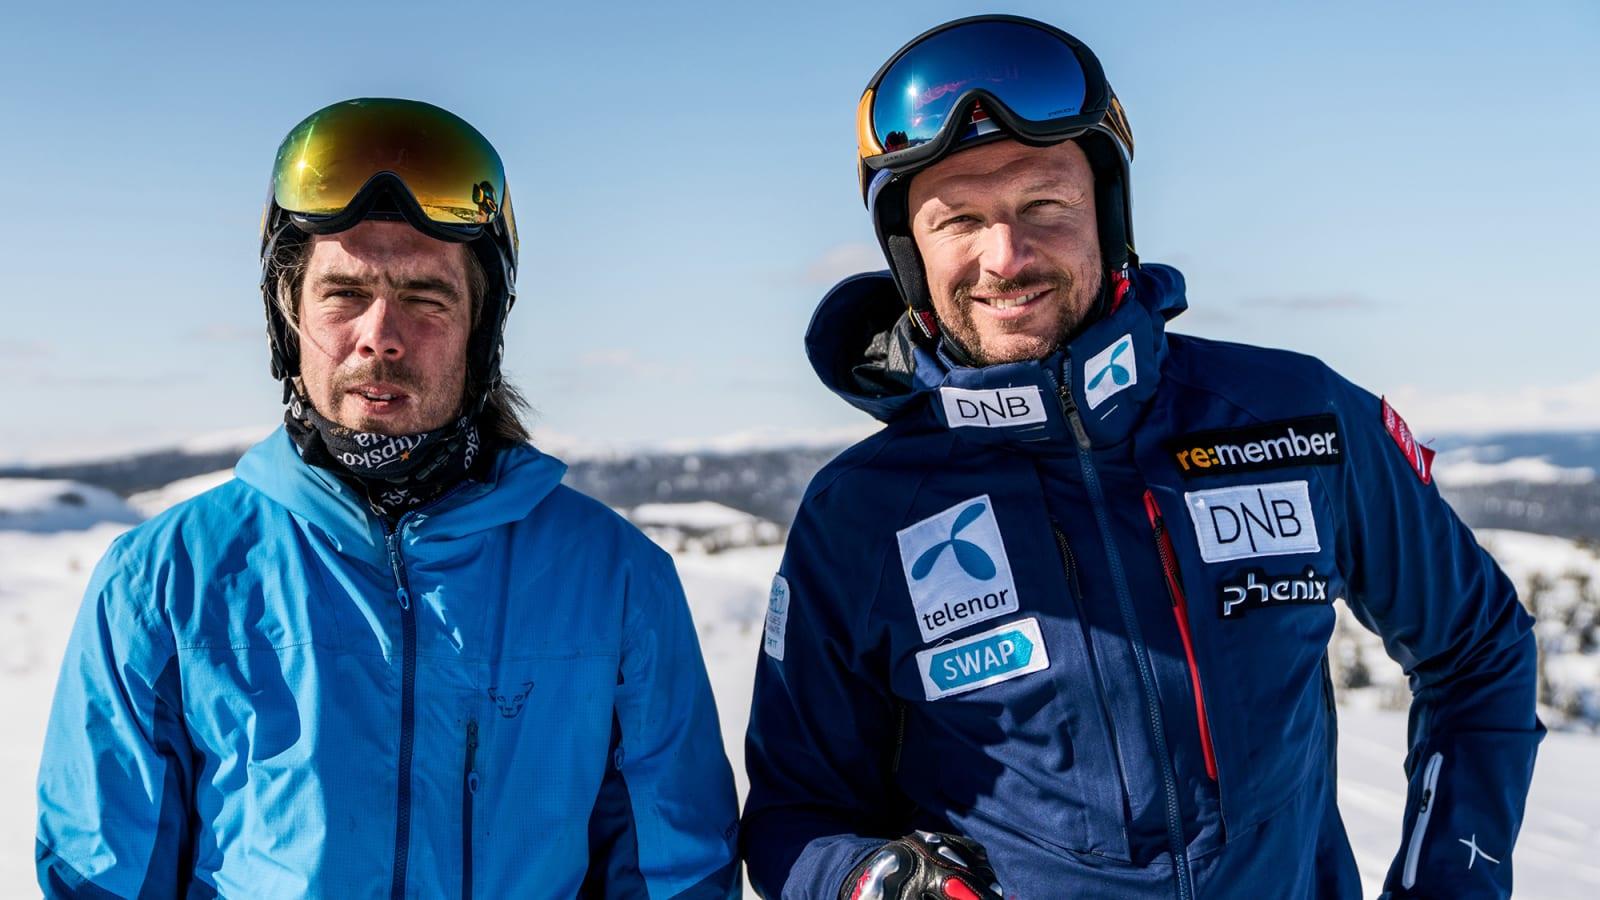 SKIKOMPISER: Eirik Finseth og Aksel Lund Svindal har hundrevis av timer på ski sammen, både fra tiden da Finseth også drev med racing, men også i senere tid som frikjørere. Bilde: Magnus Roaldset Furset